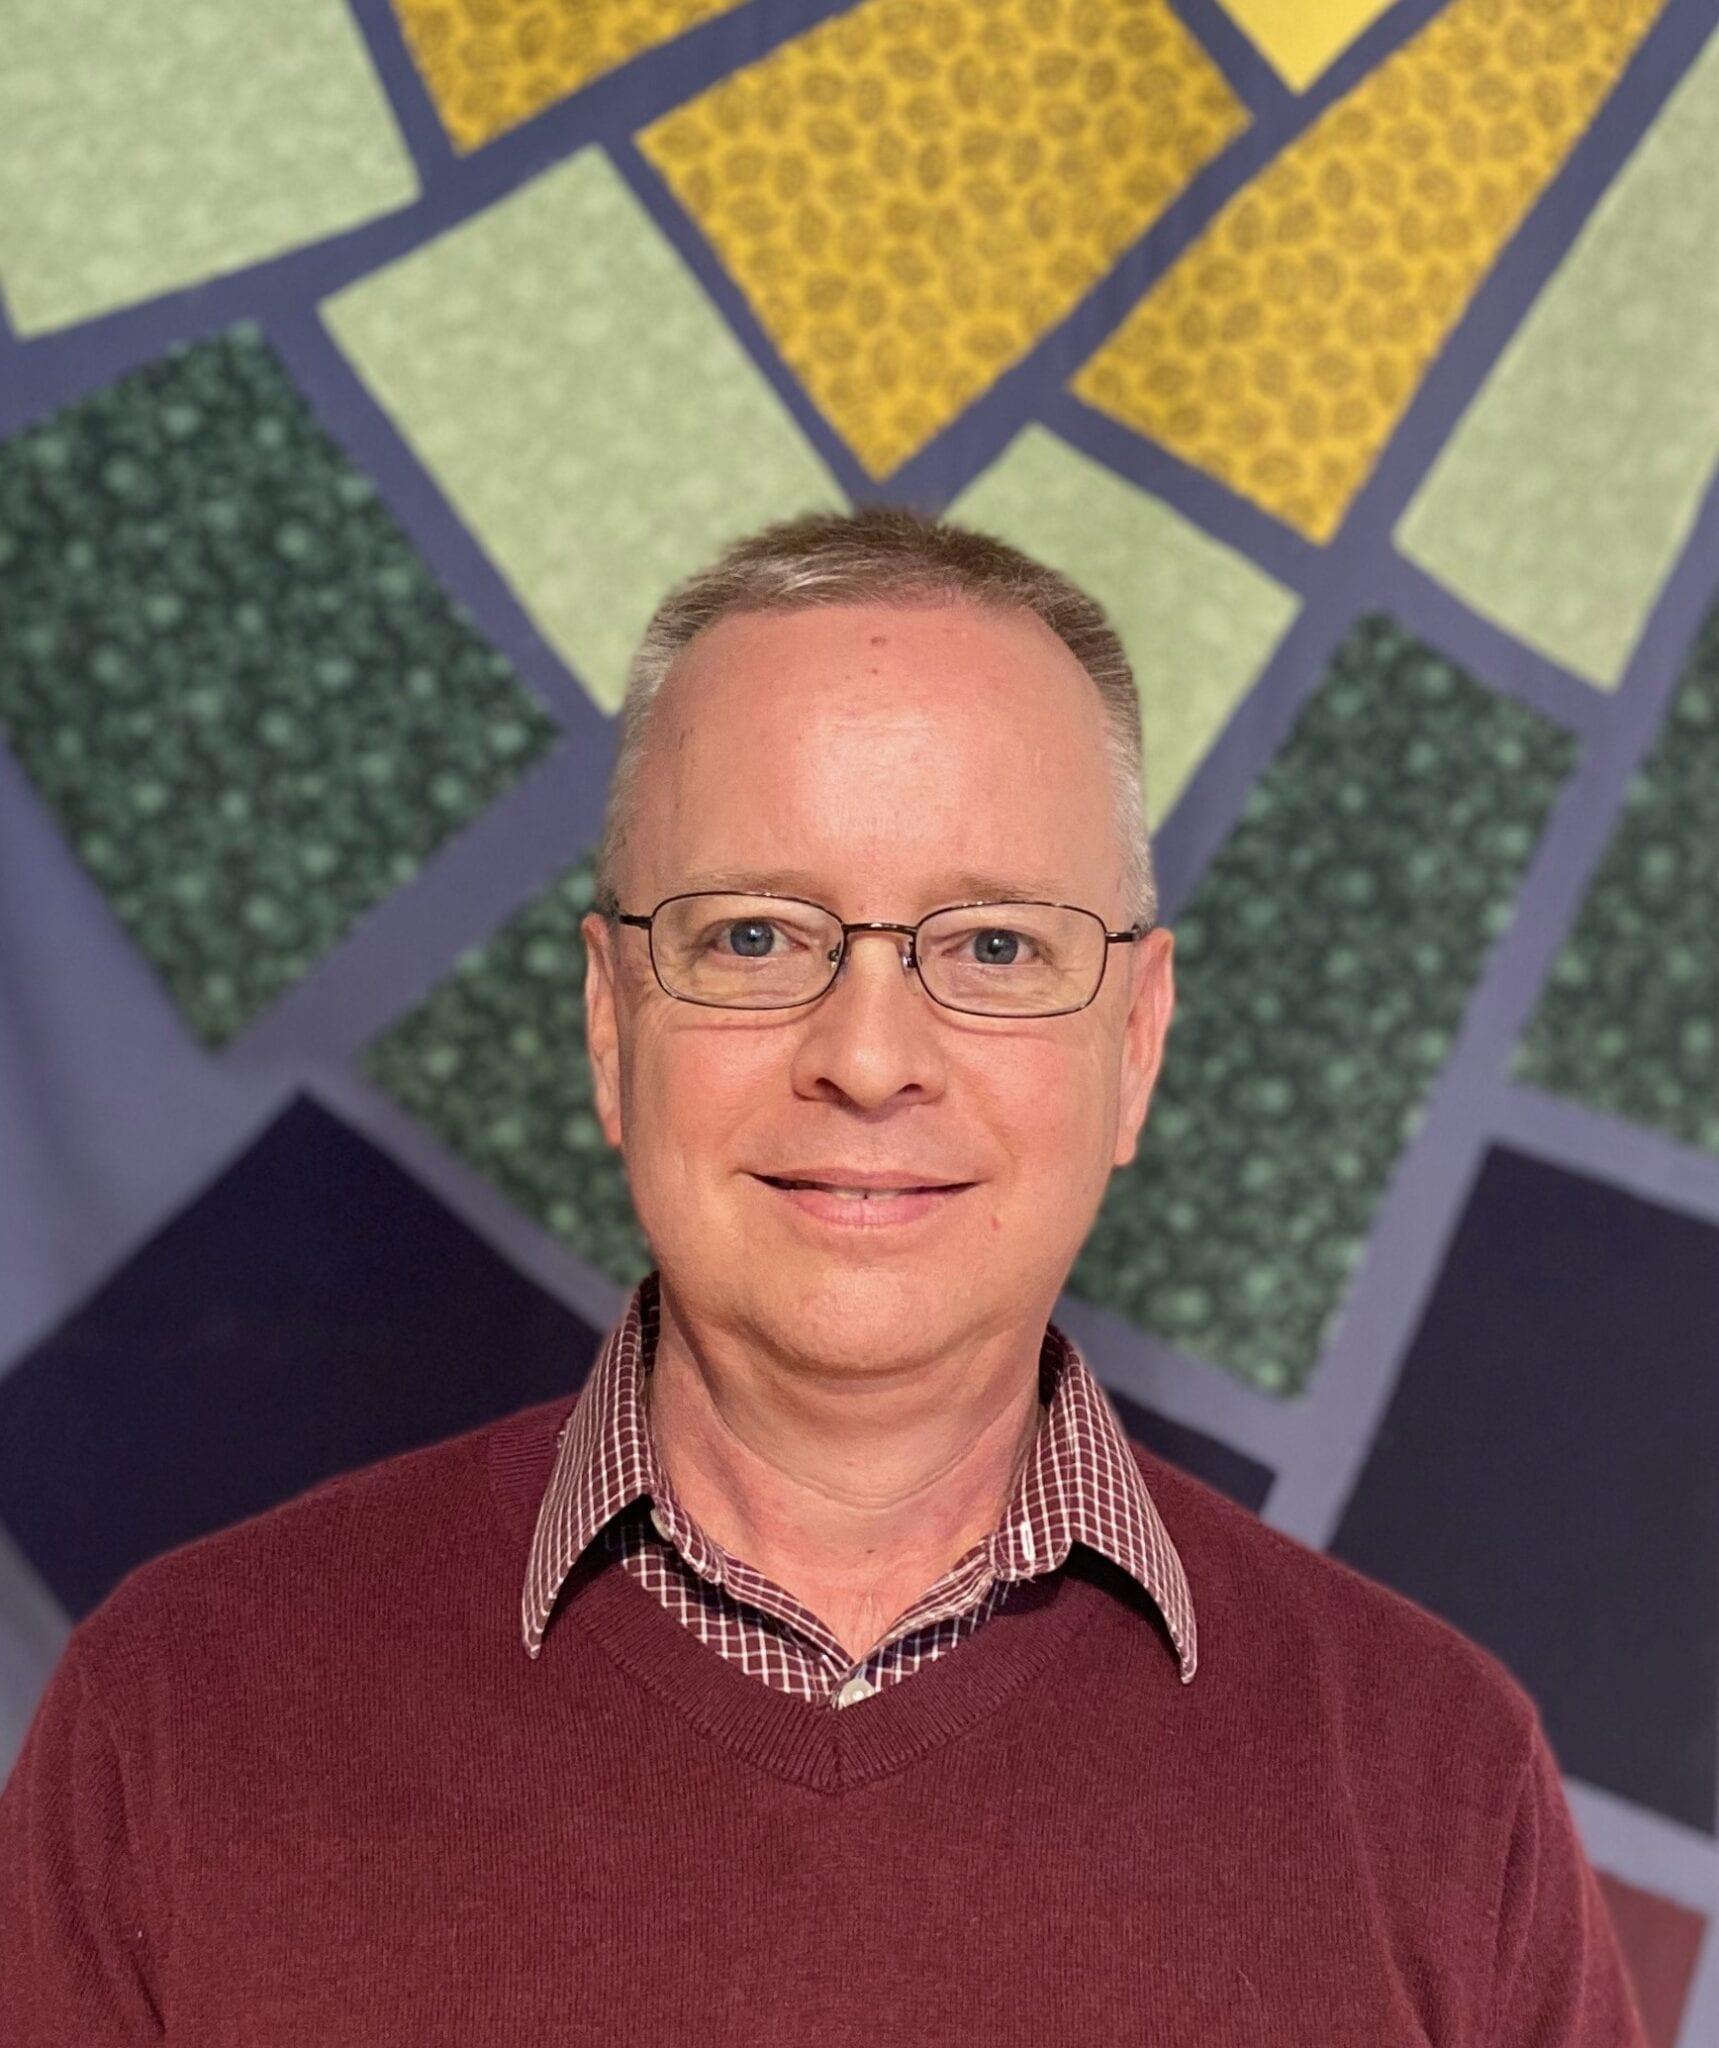 Steve Suttles